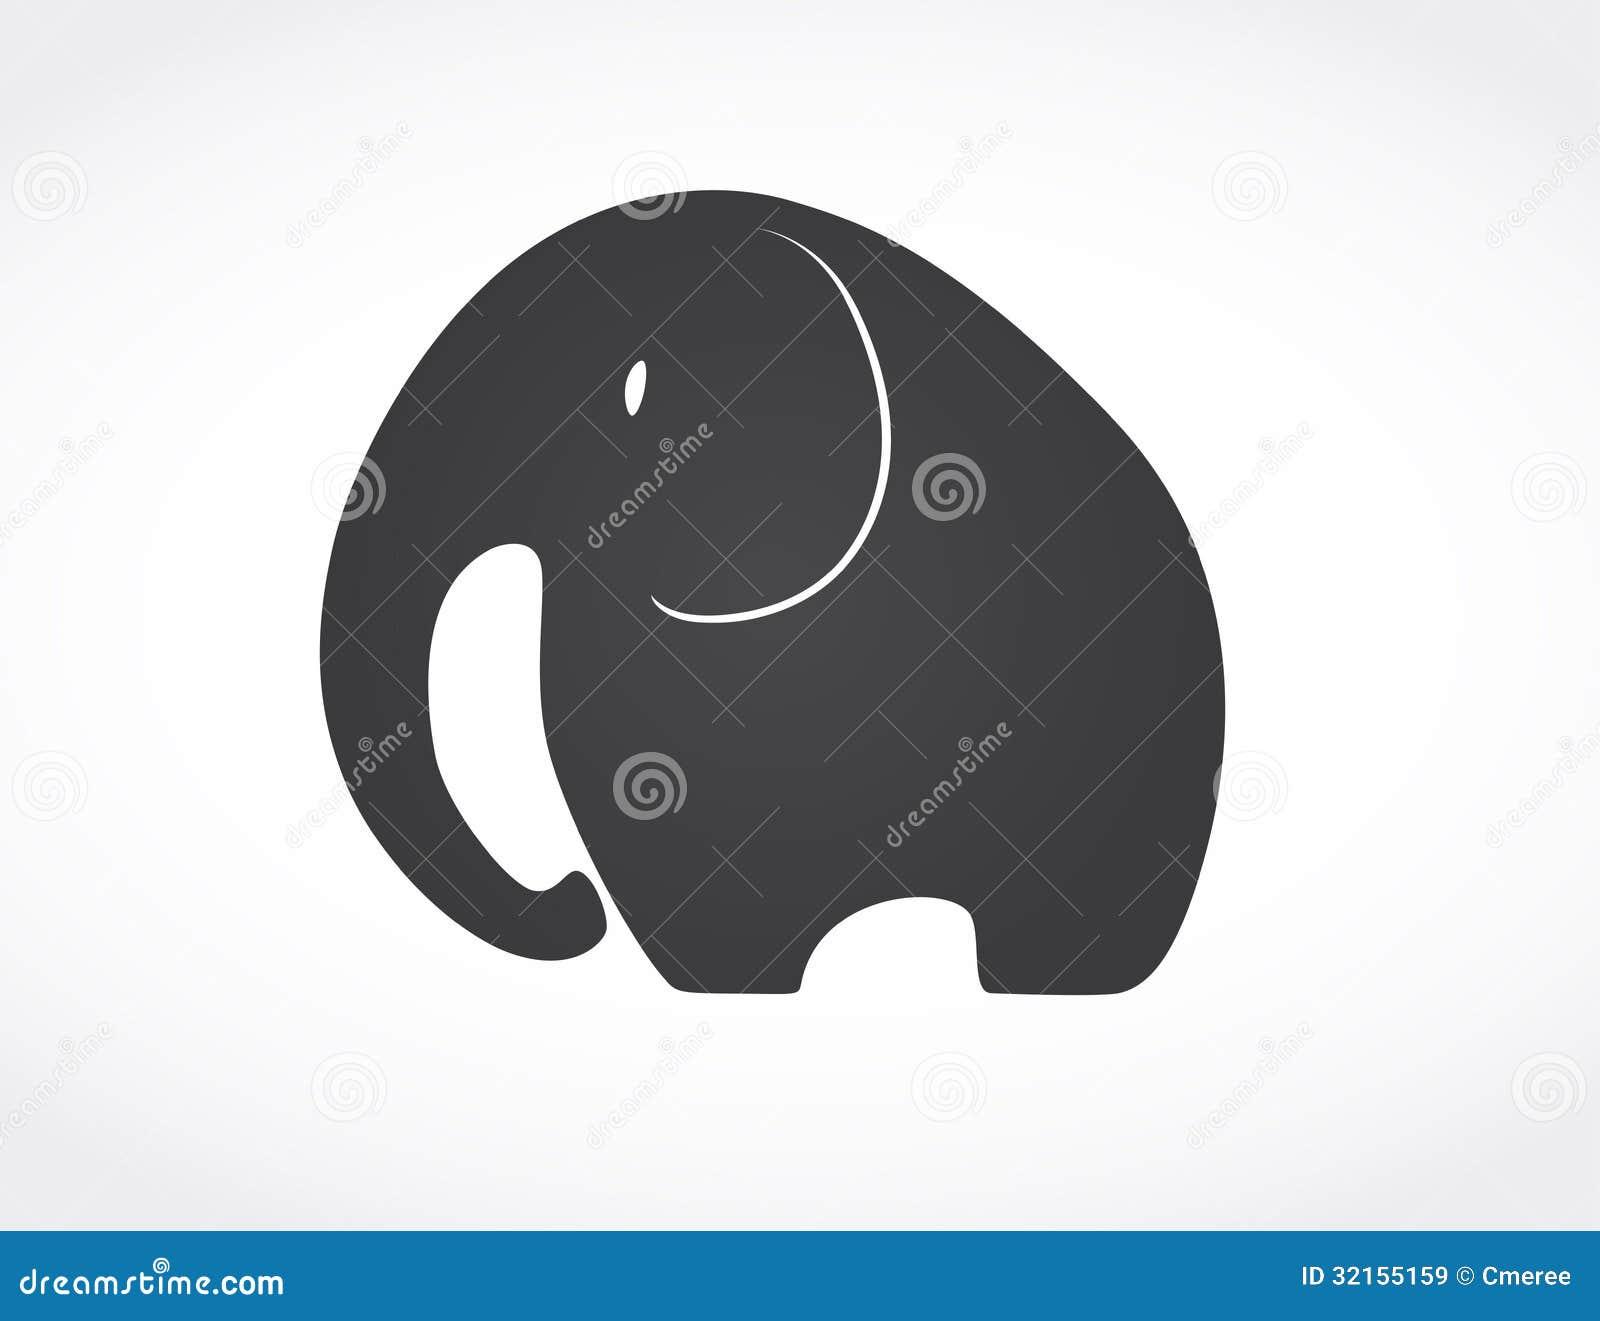 Elephant royalty free stock images image 32155159 for Illustration minimaliste